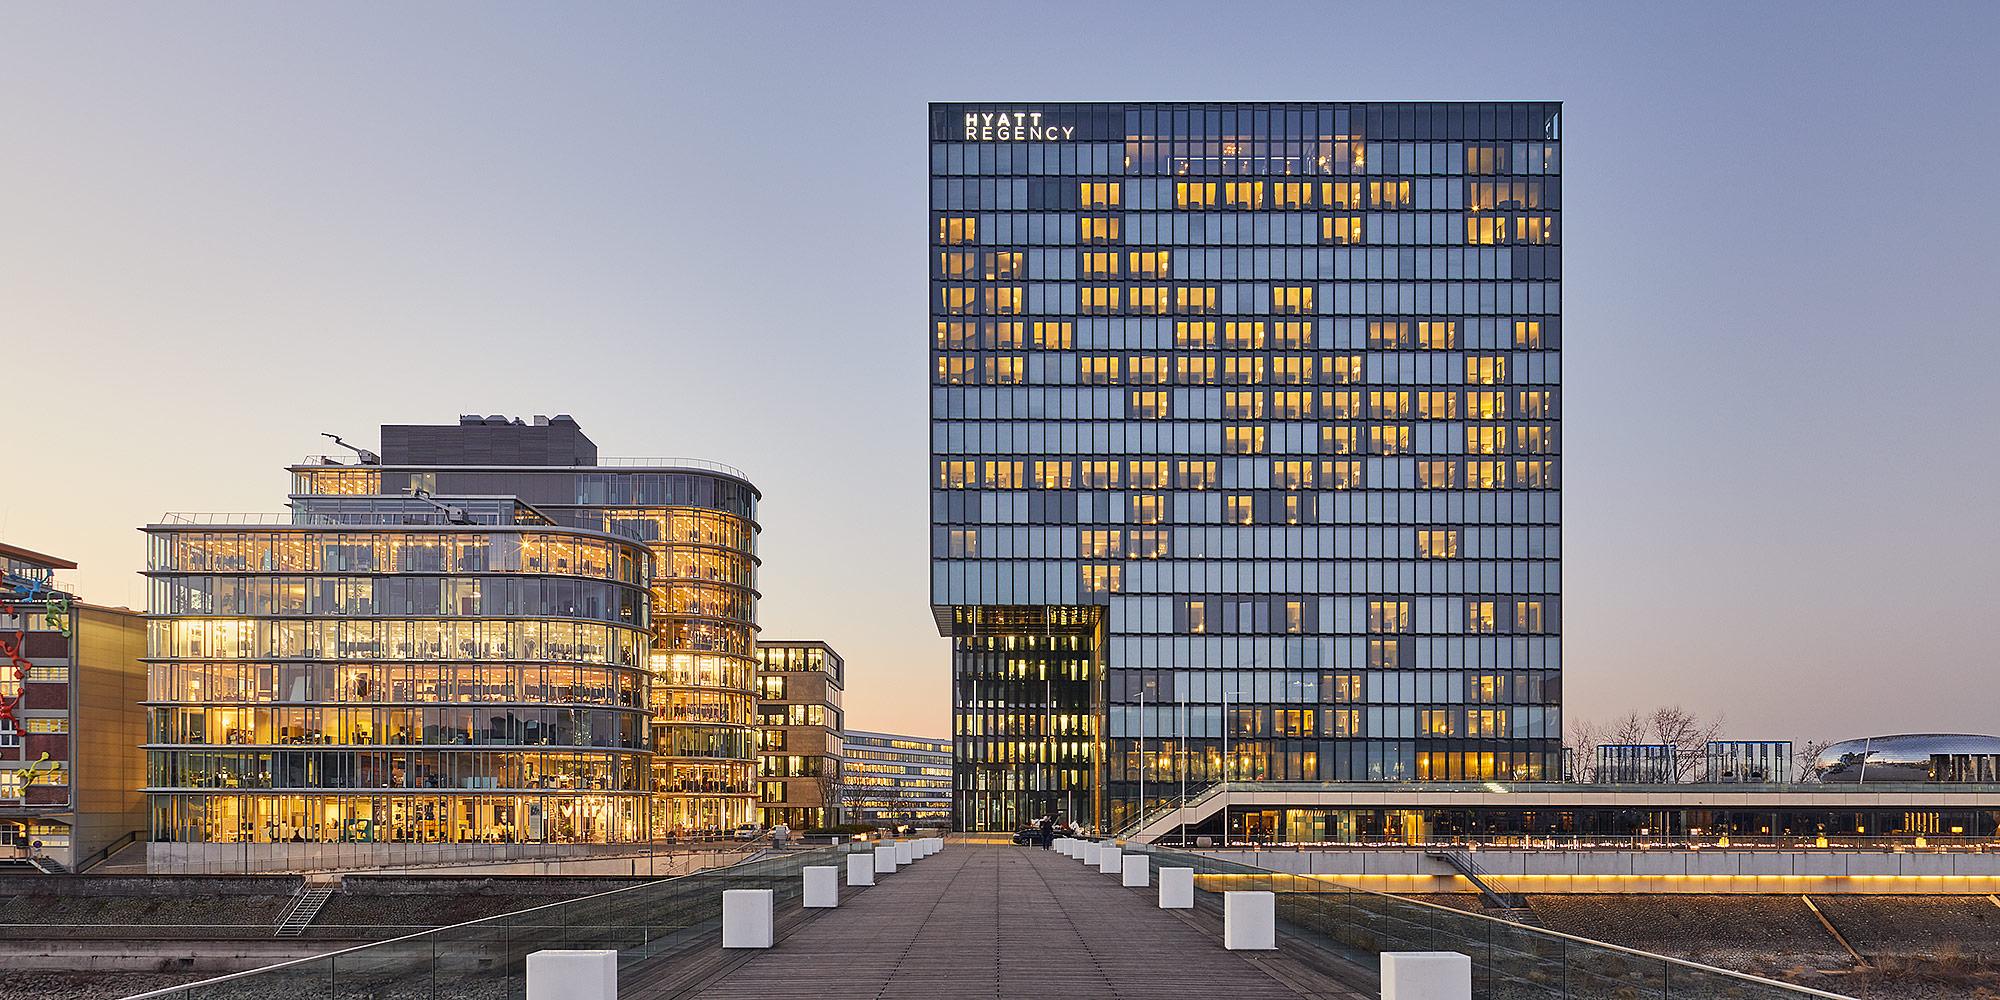 Hyatt Hotel, Düsseldorf @ Philip Kistner